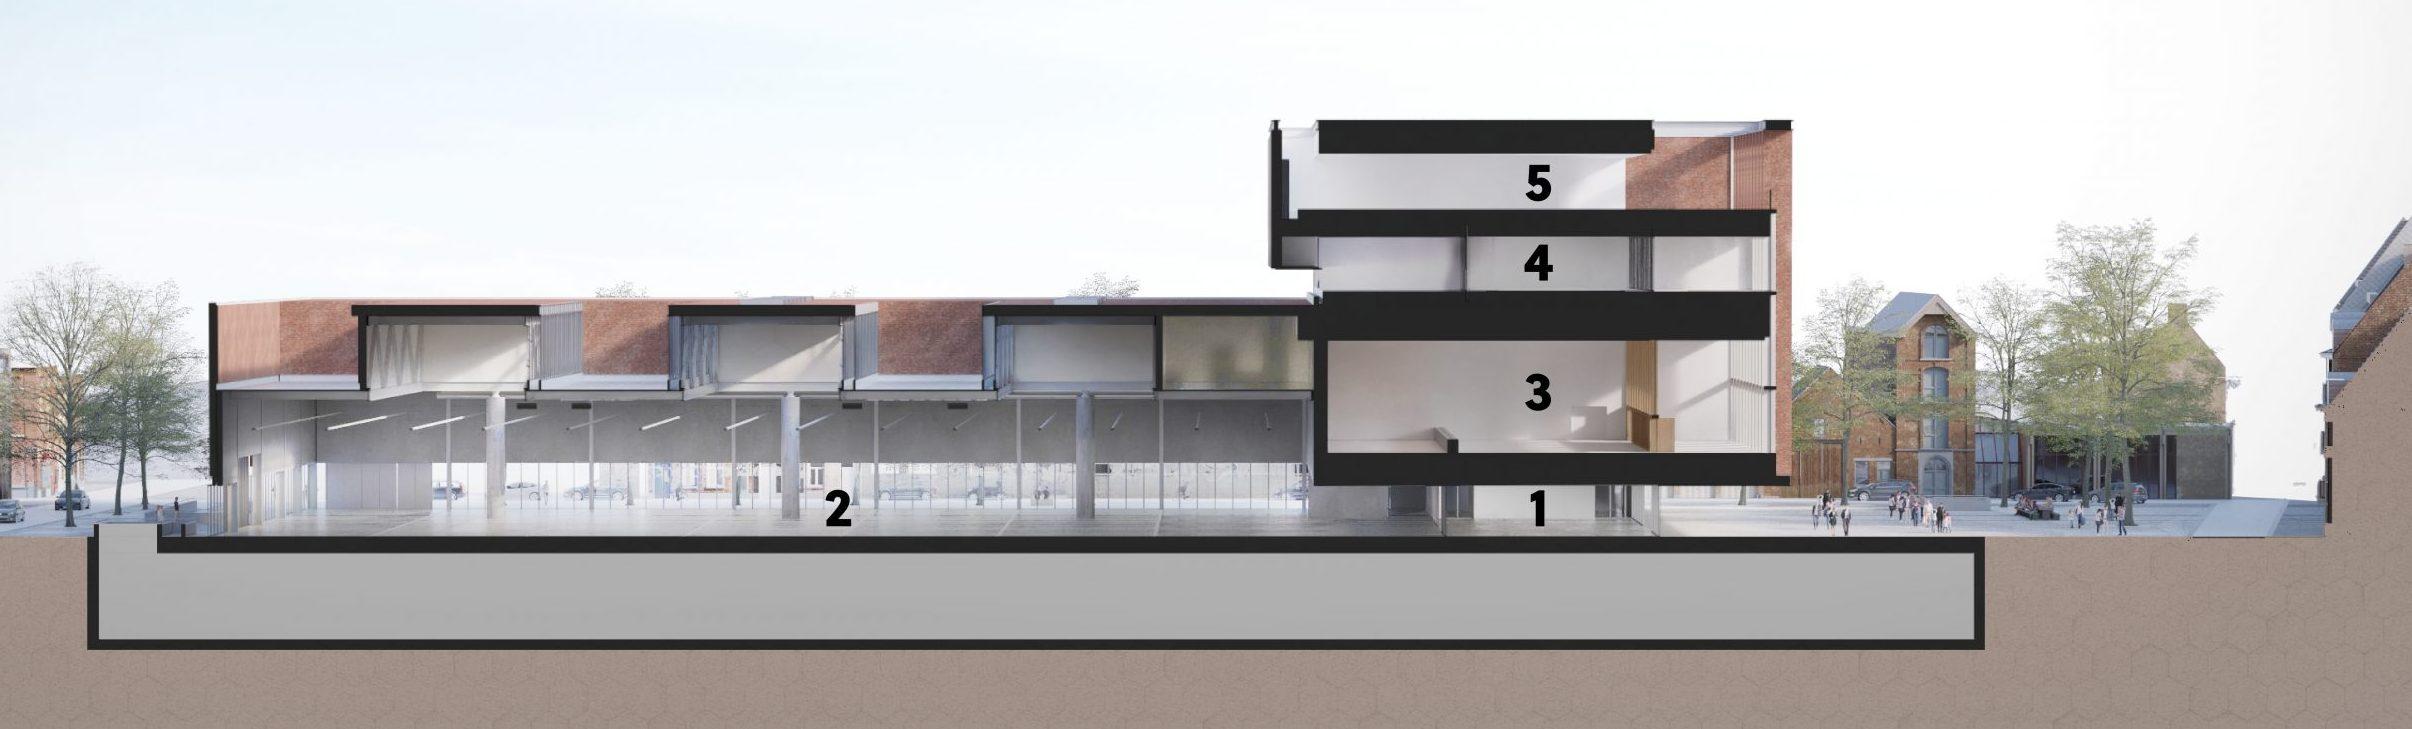 BMCC Brugge doorsnede zalen capaciteit